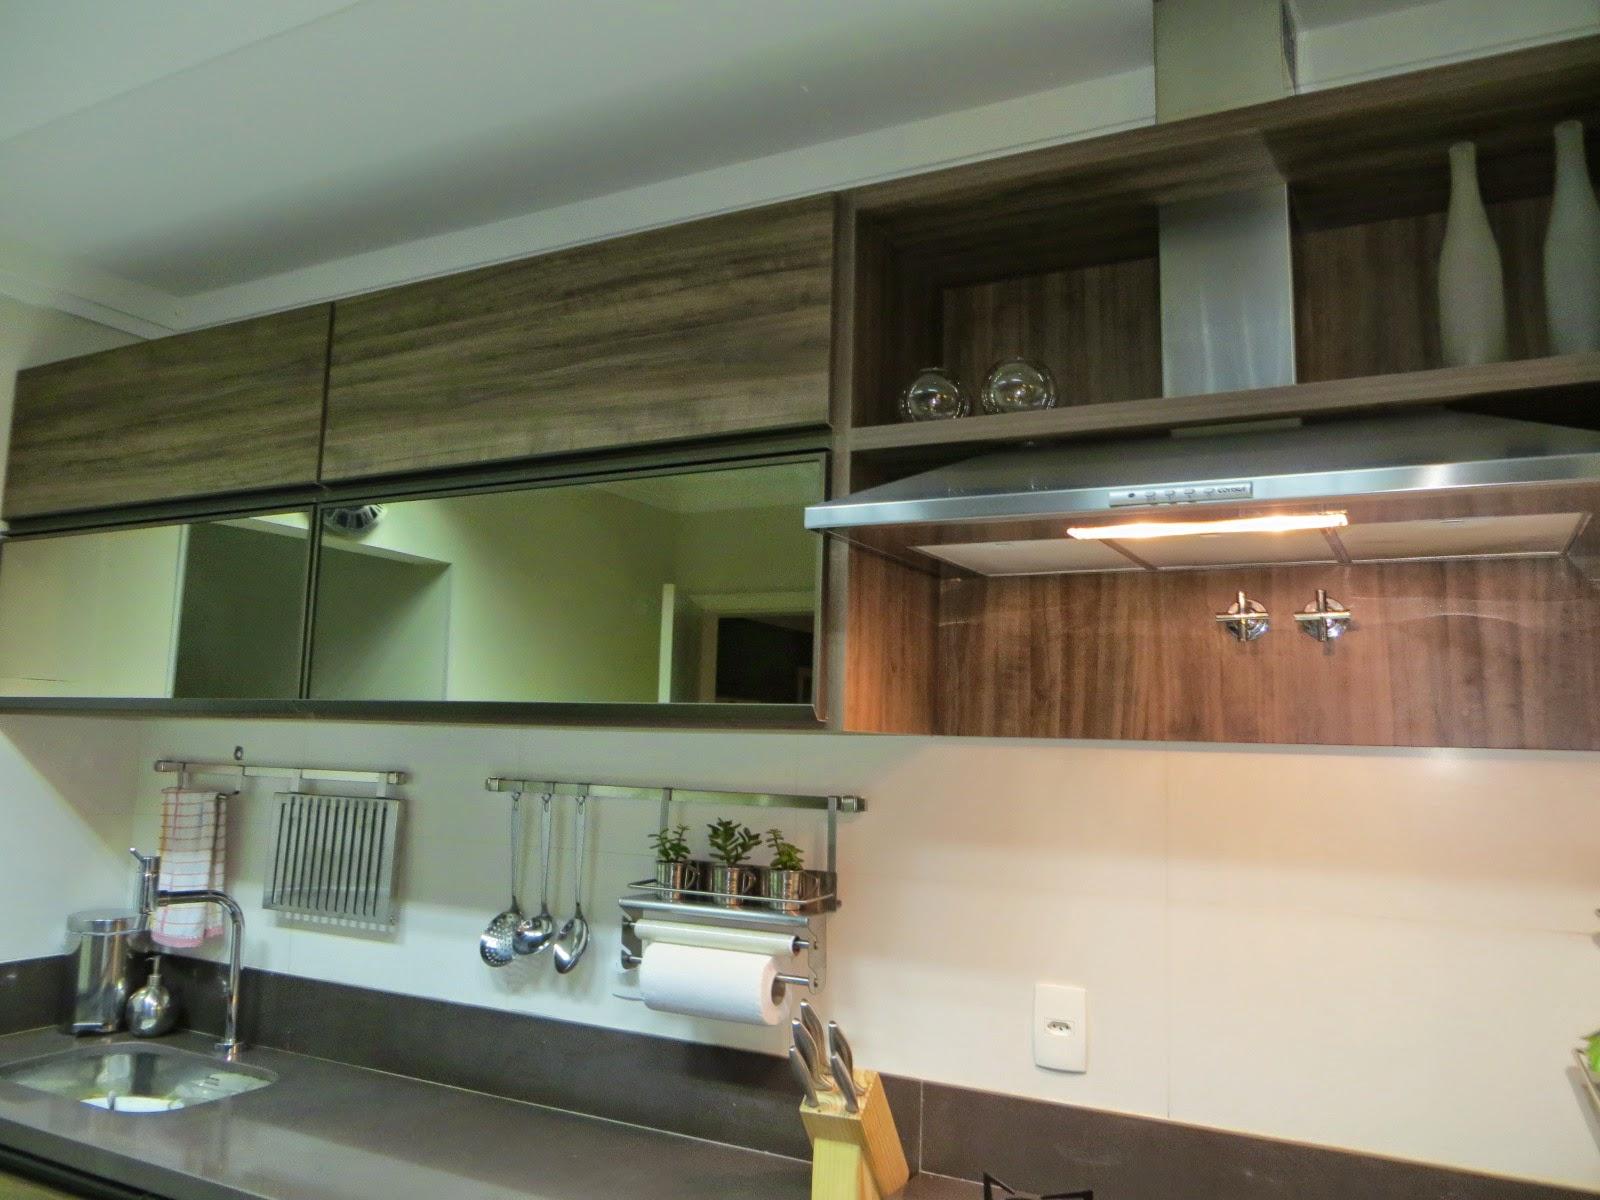 Colomesas Móveis Planejados e Mesas de Bilhar Cozinha e área de churrasqueir # Cozinha Planejada Com Churrasqueira